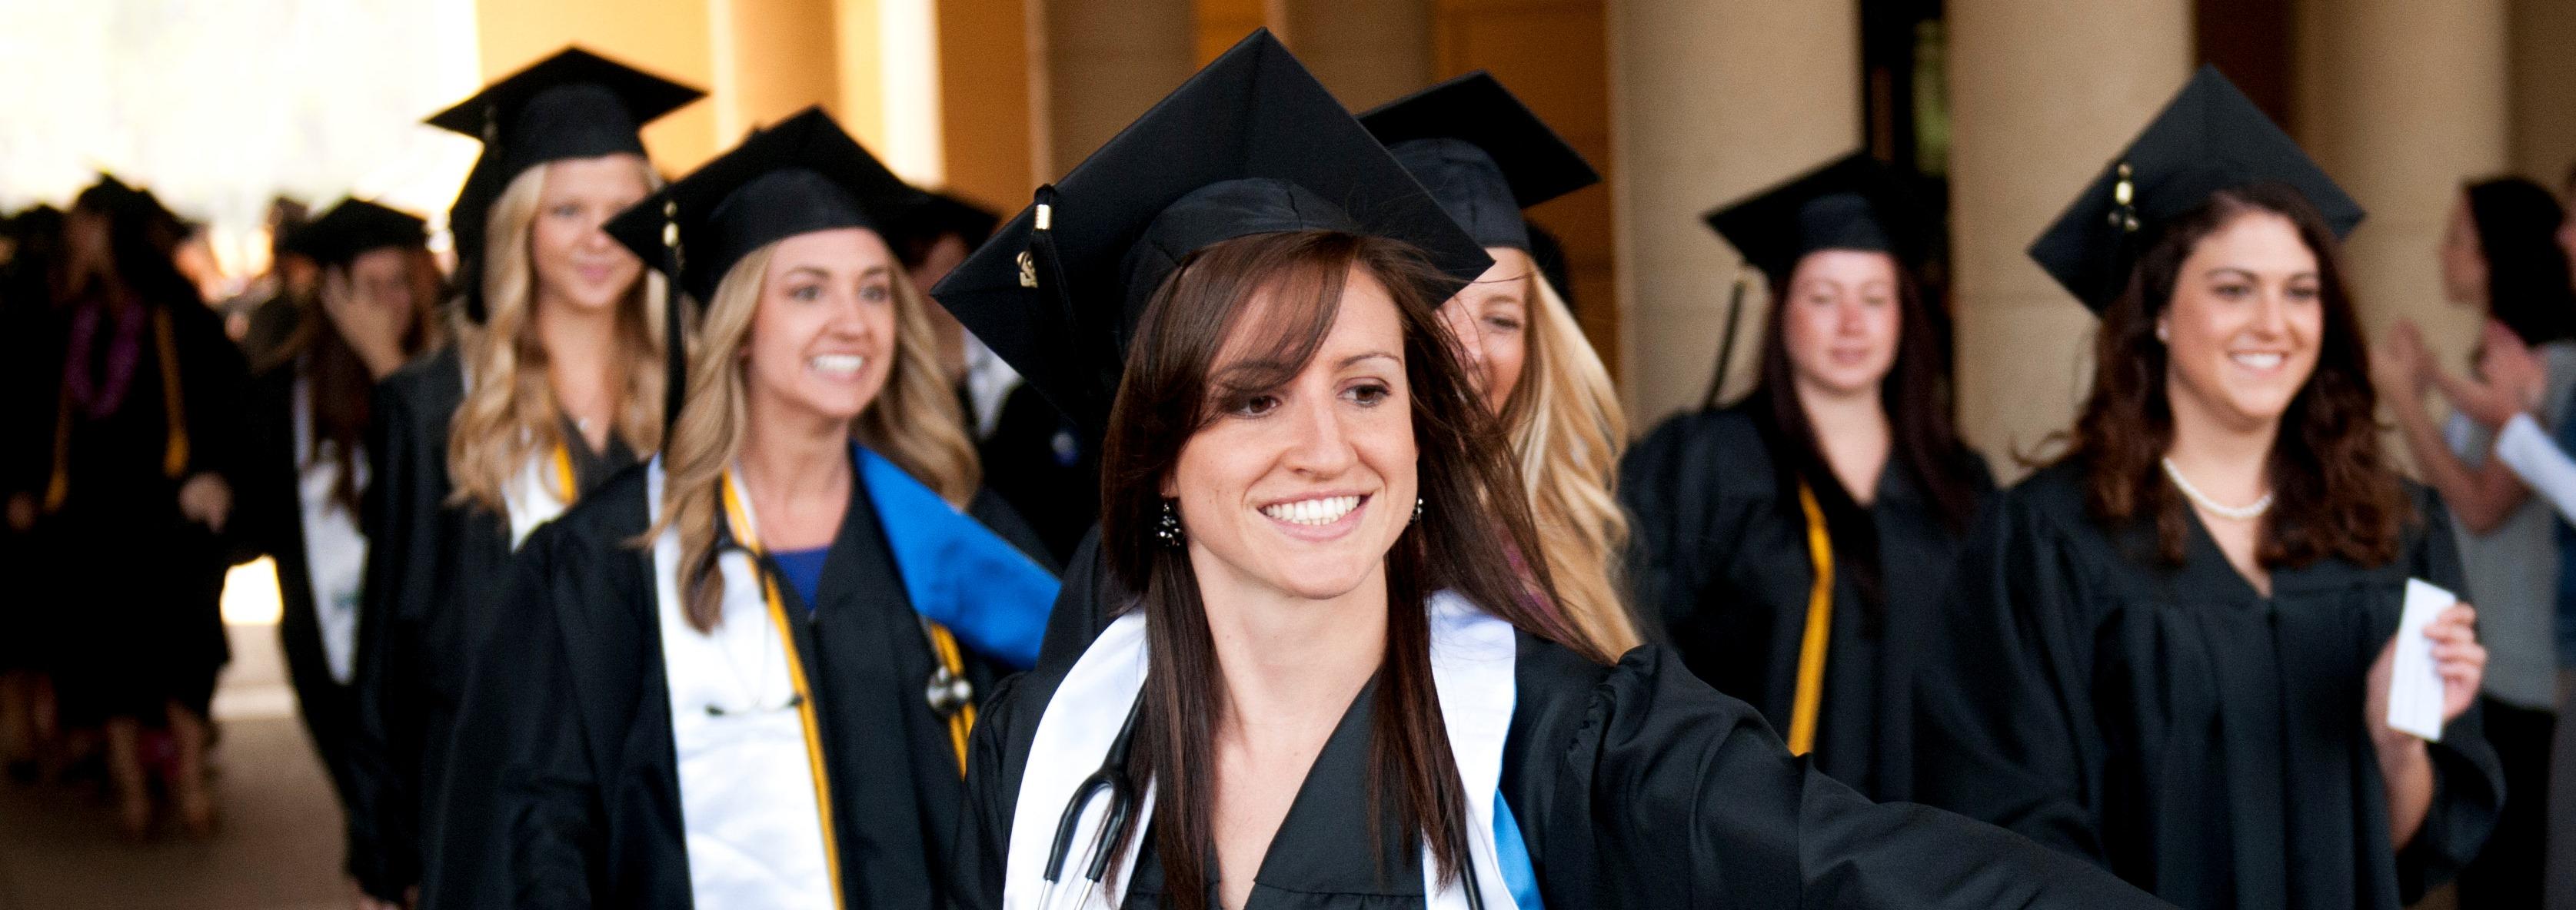 Regalia Information :: Preparing to Graduate :: Commencement ...